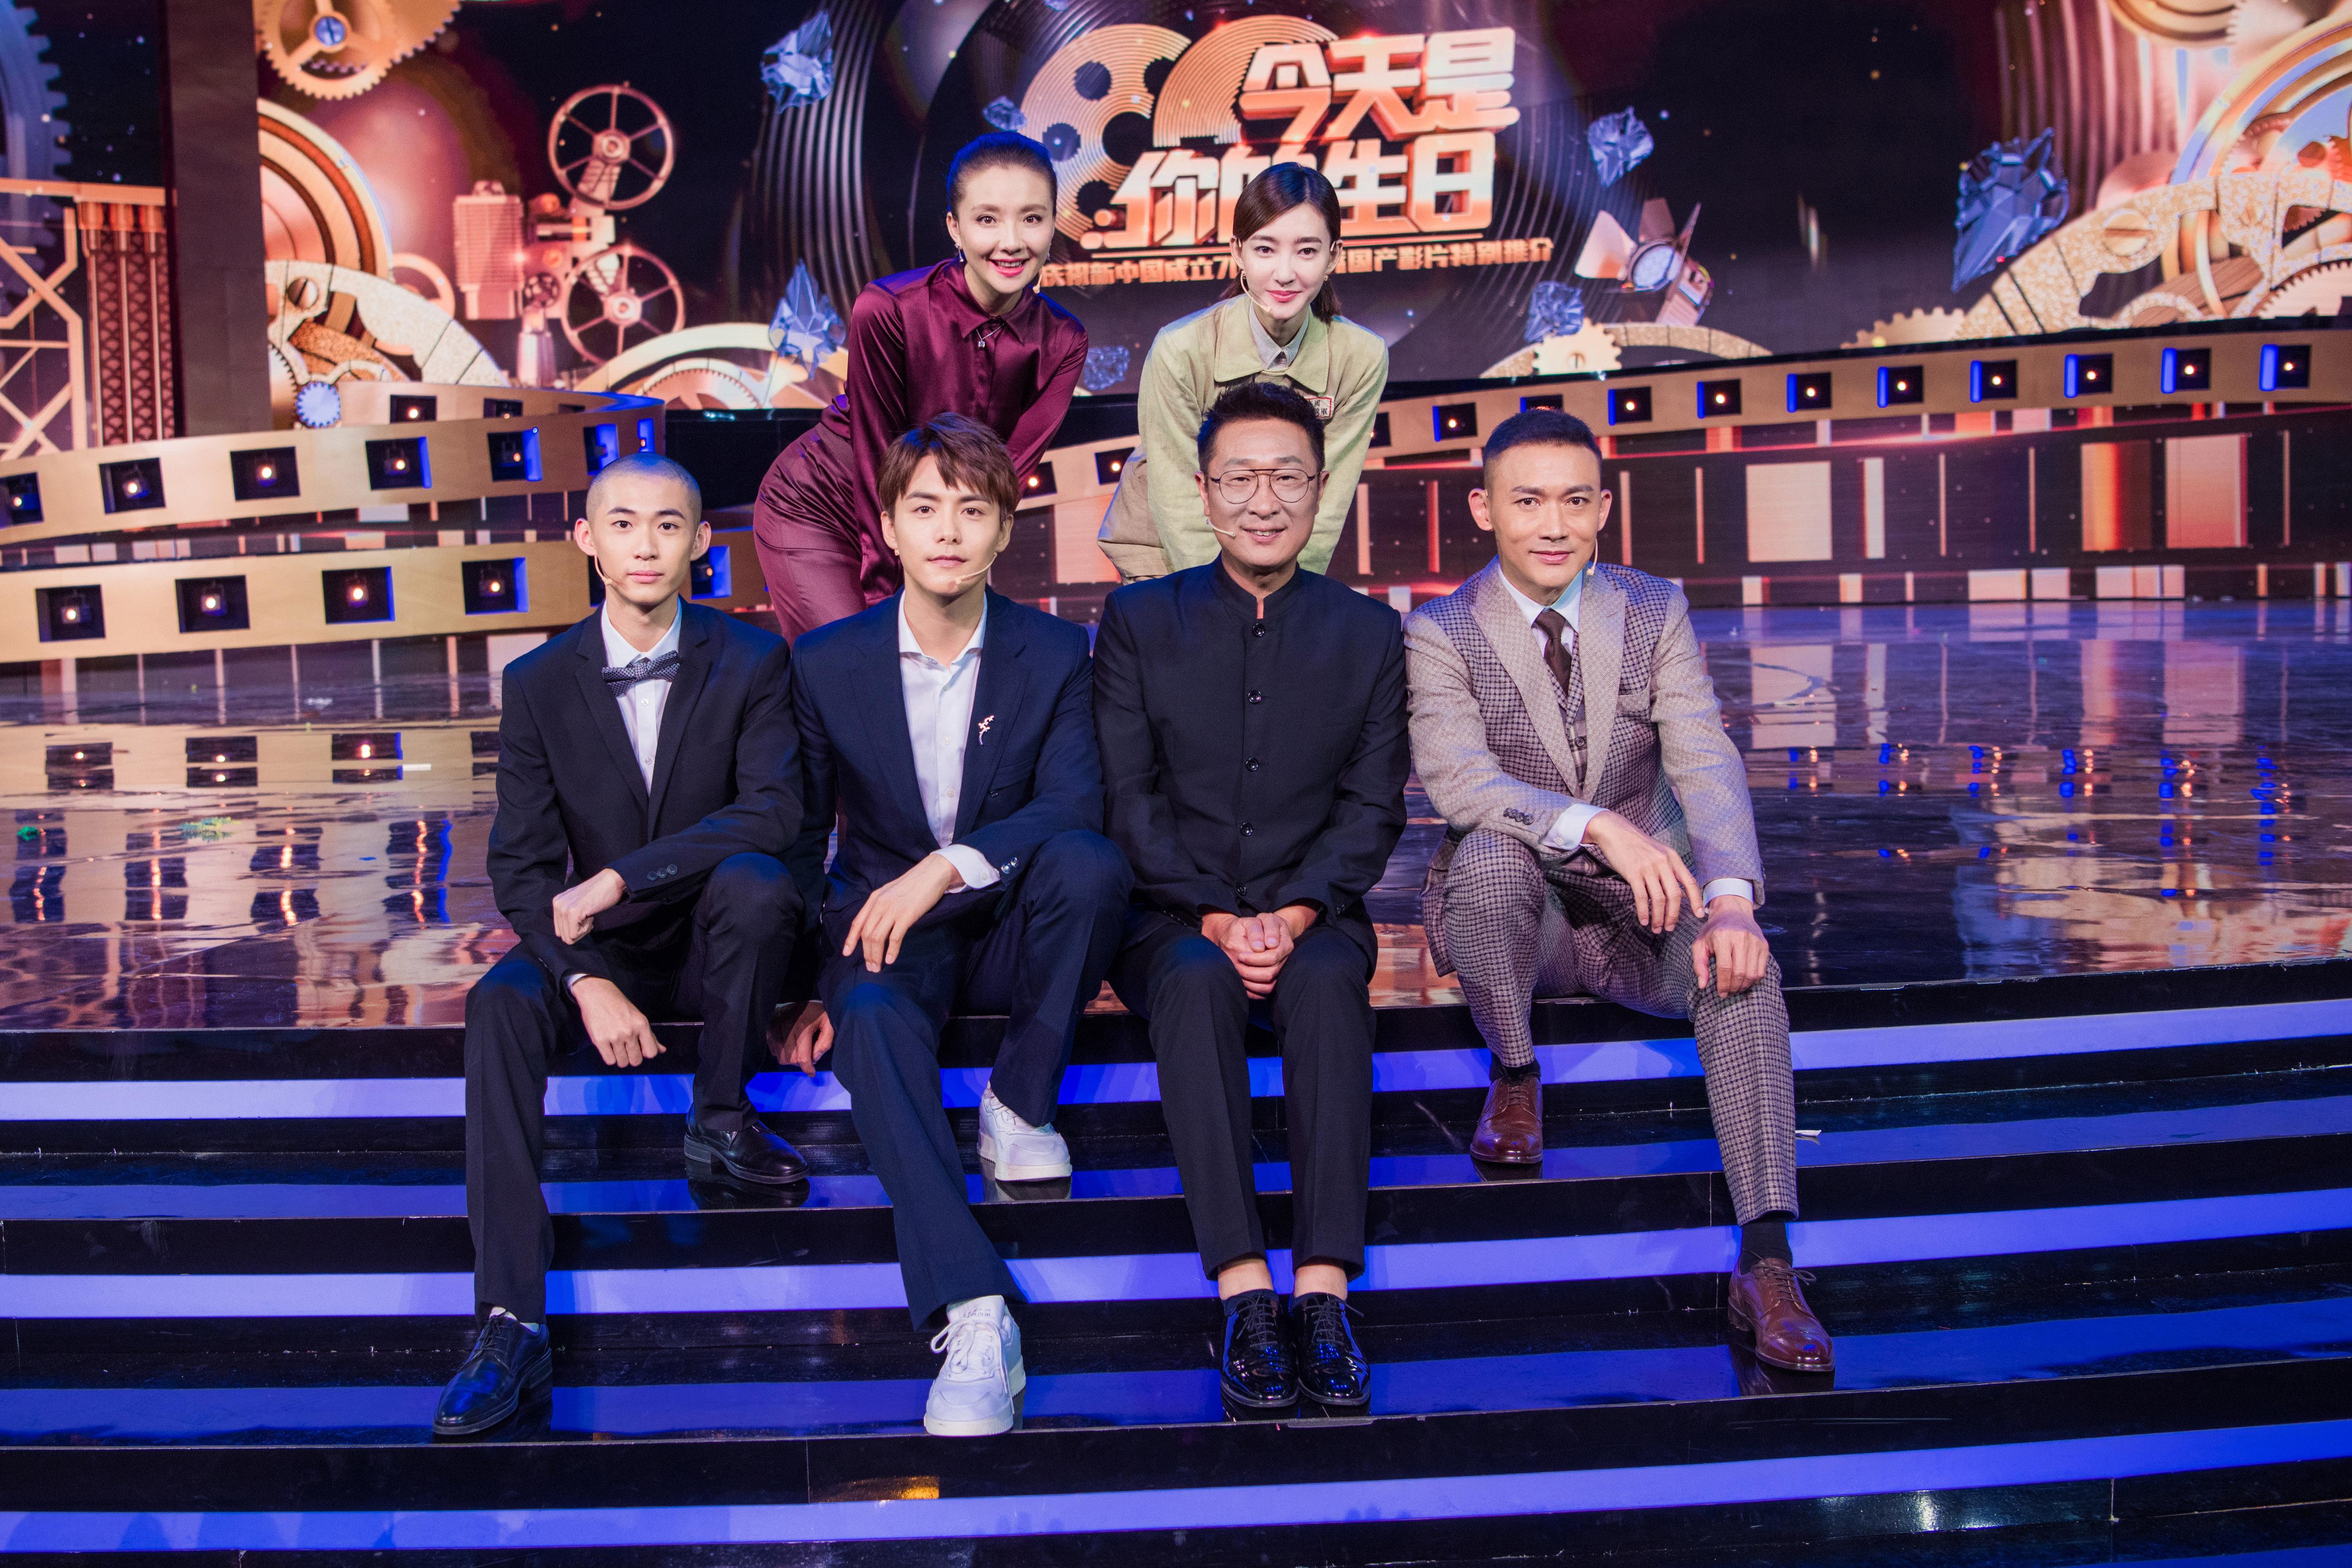 聂远亮相优秀国产影片推介 献唱庆祝新中国成立70周年